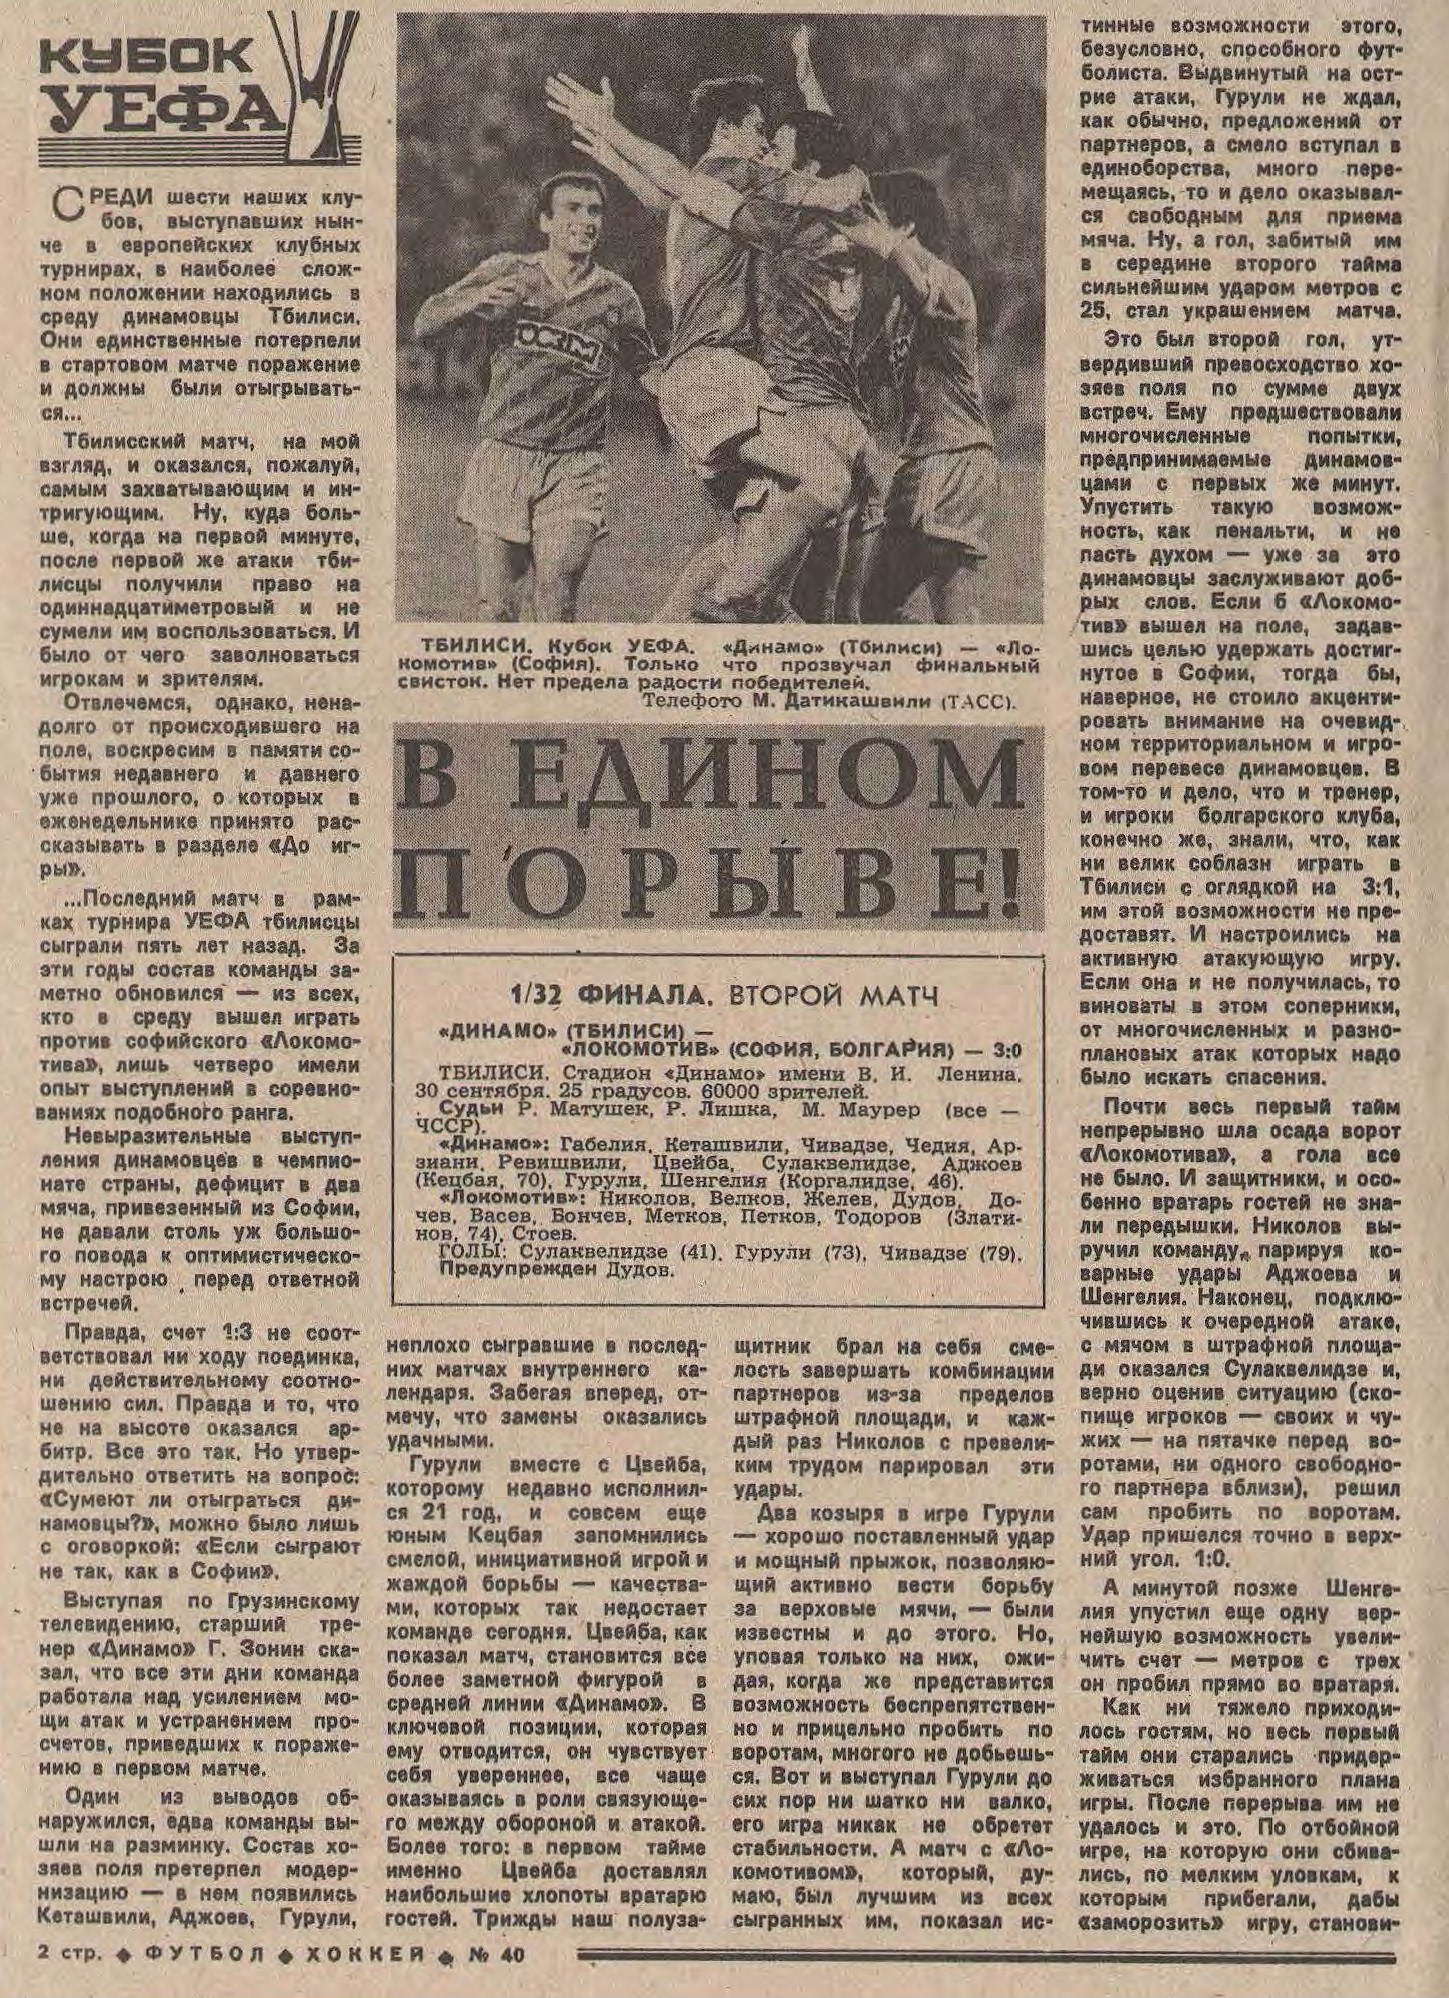 Динамо Тб (СССР) - Локомотив София (Болгария) 3:0